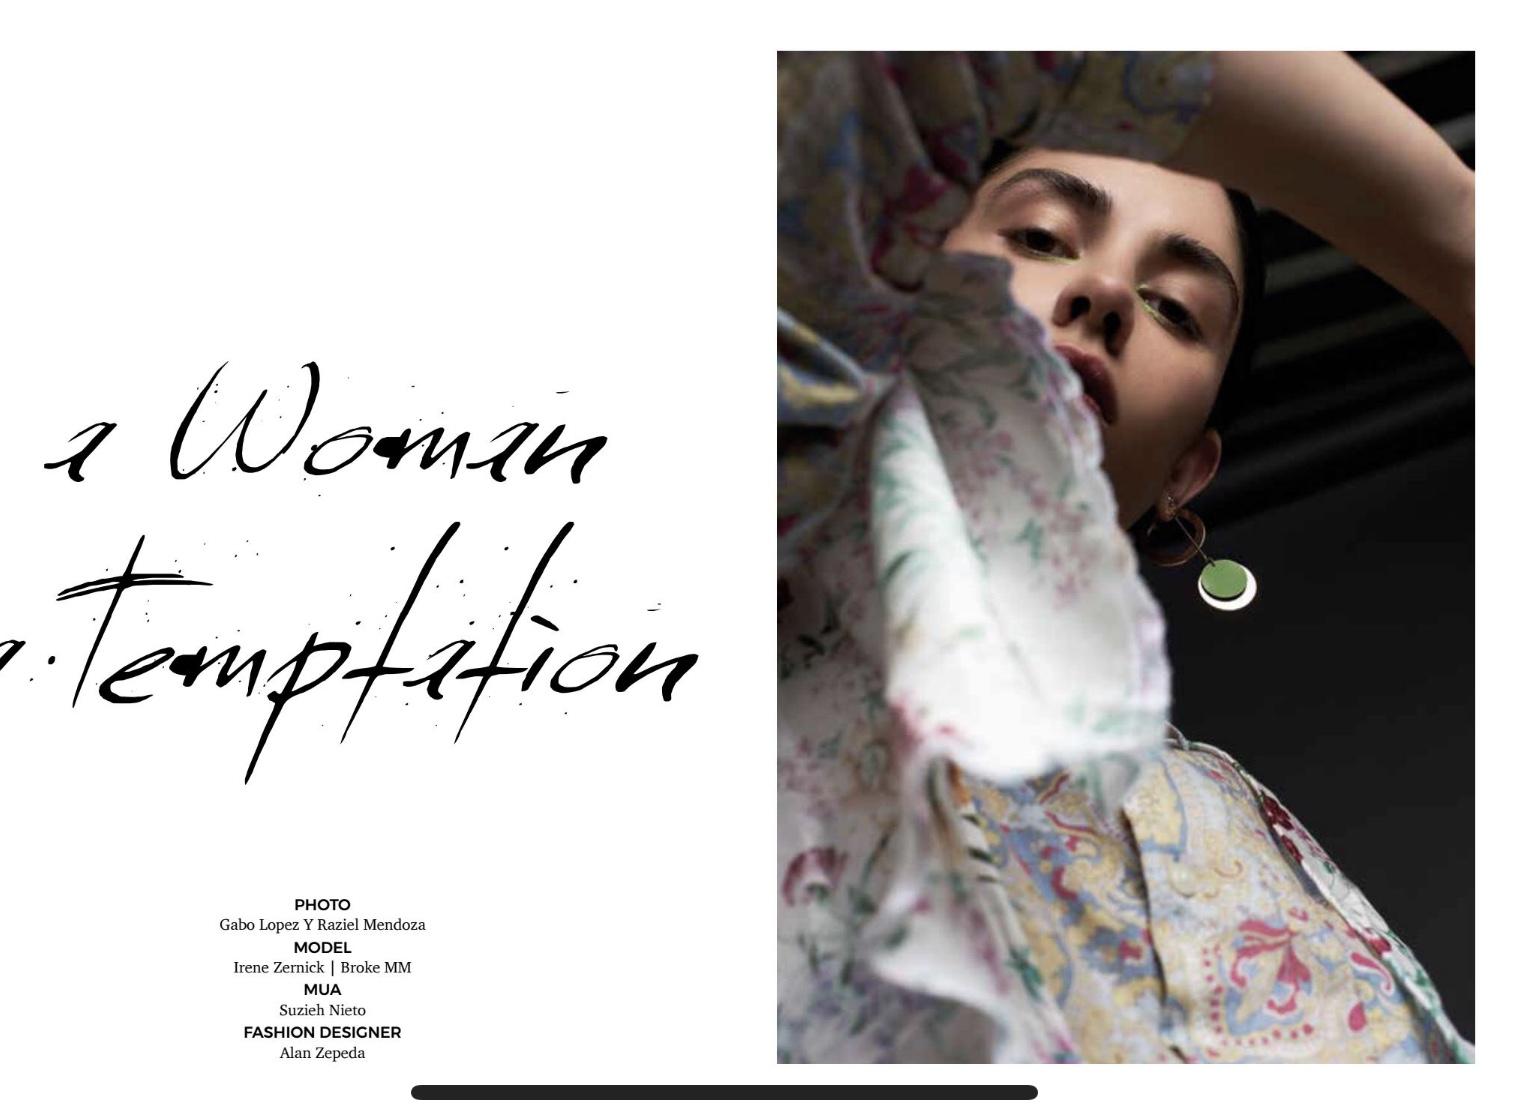 A Woman, A Tentation